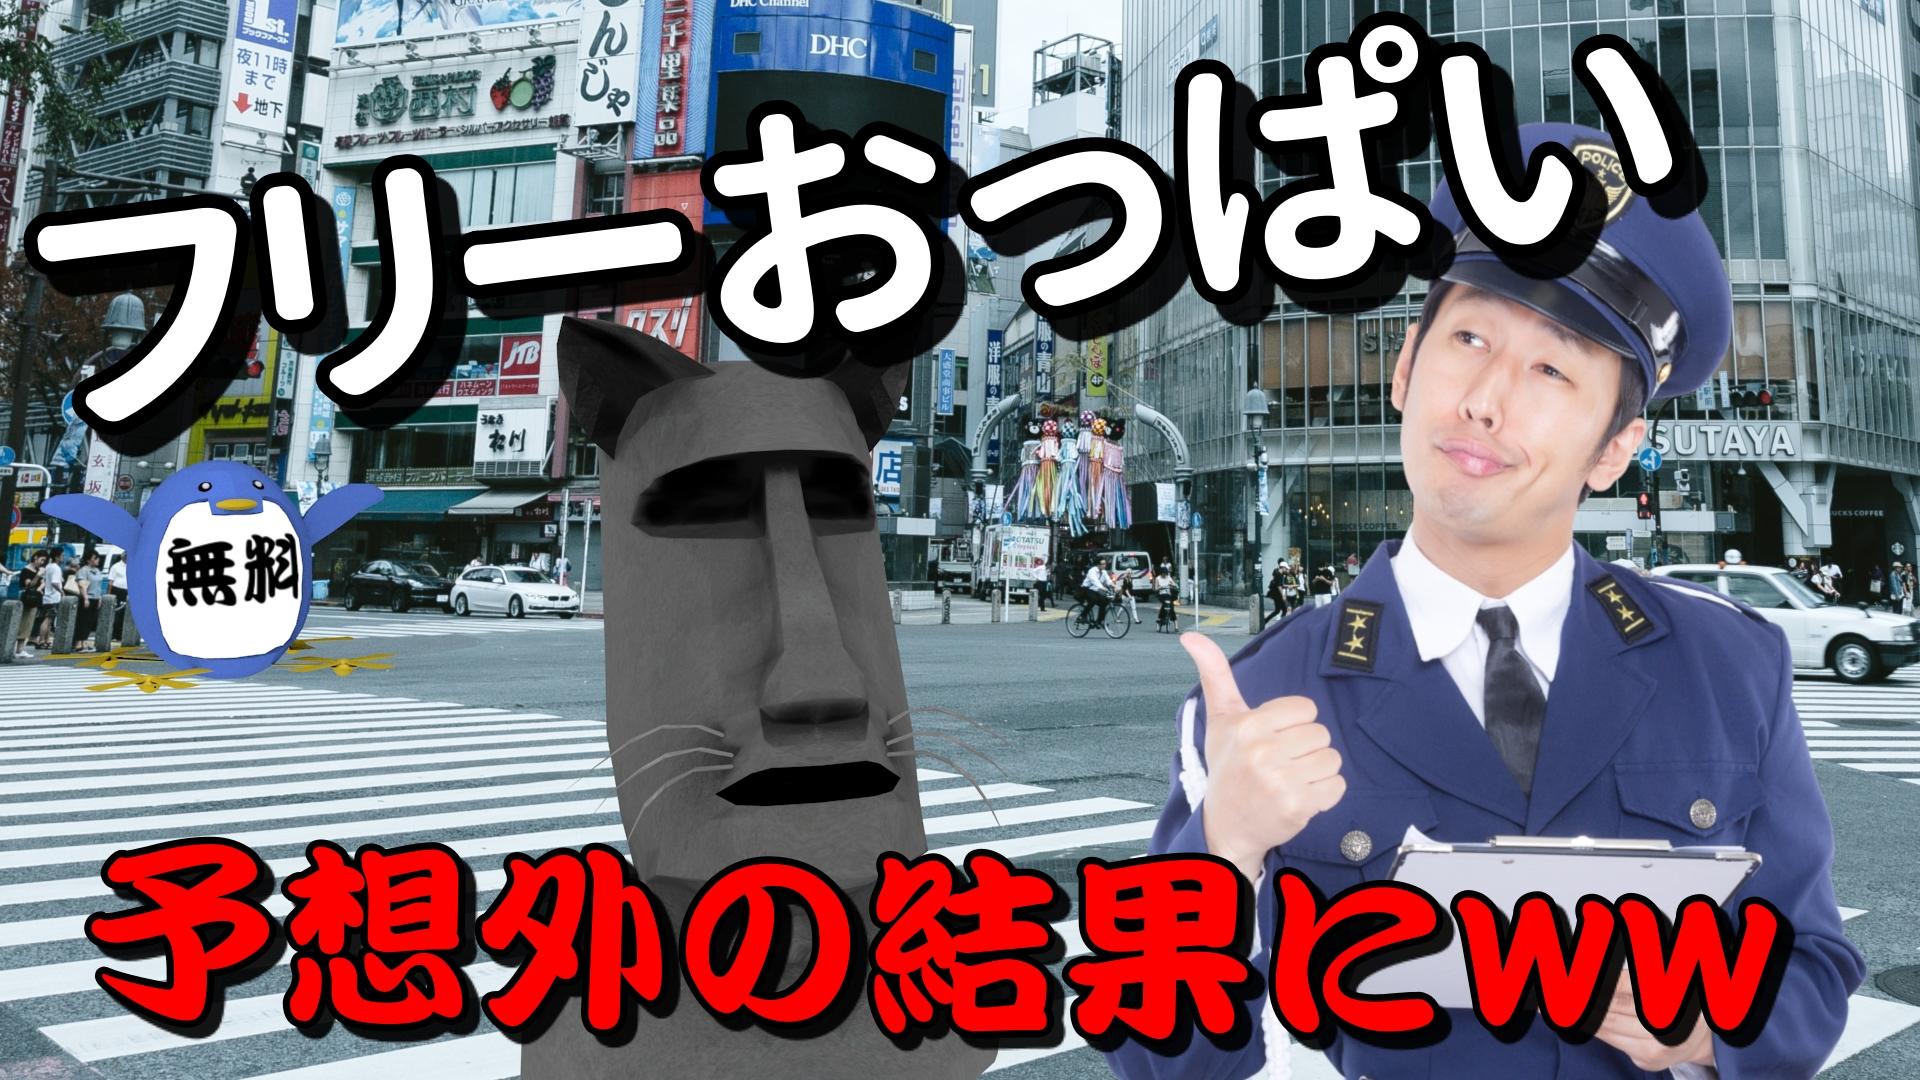 【動画】YouTuberだから渋谷でフリーおっぱいしまーすw【半熟UFO】